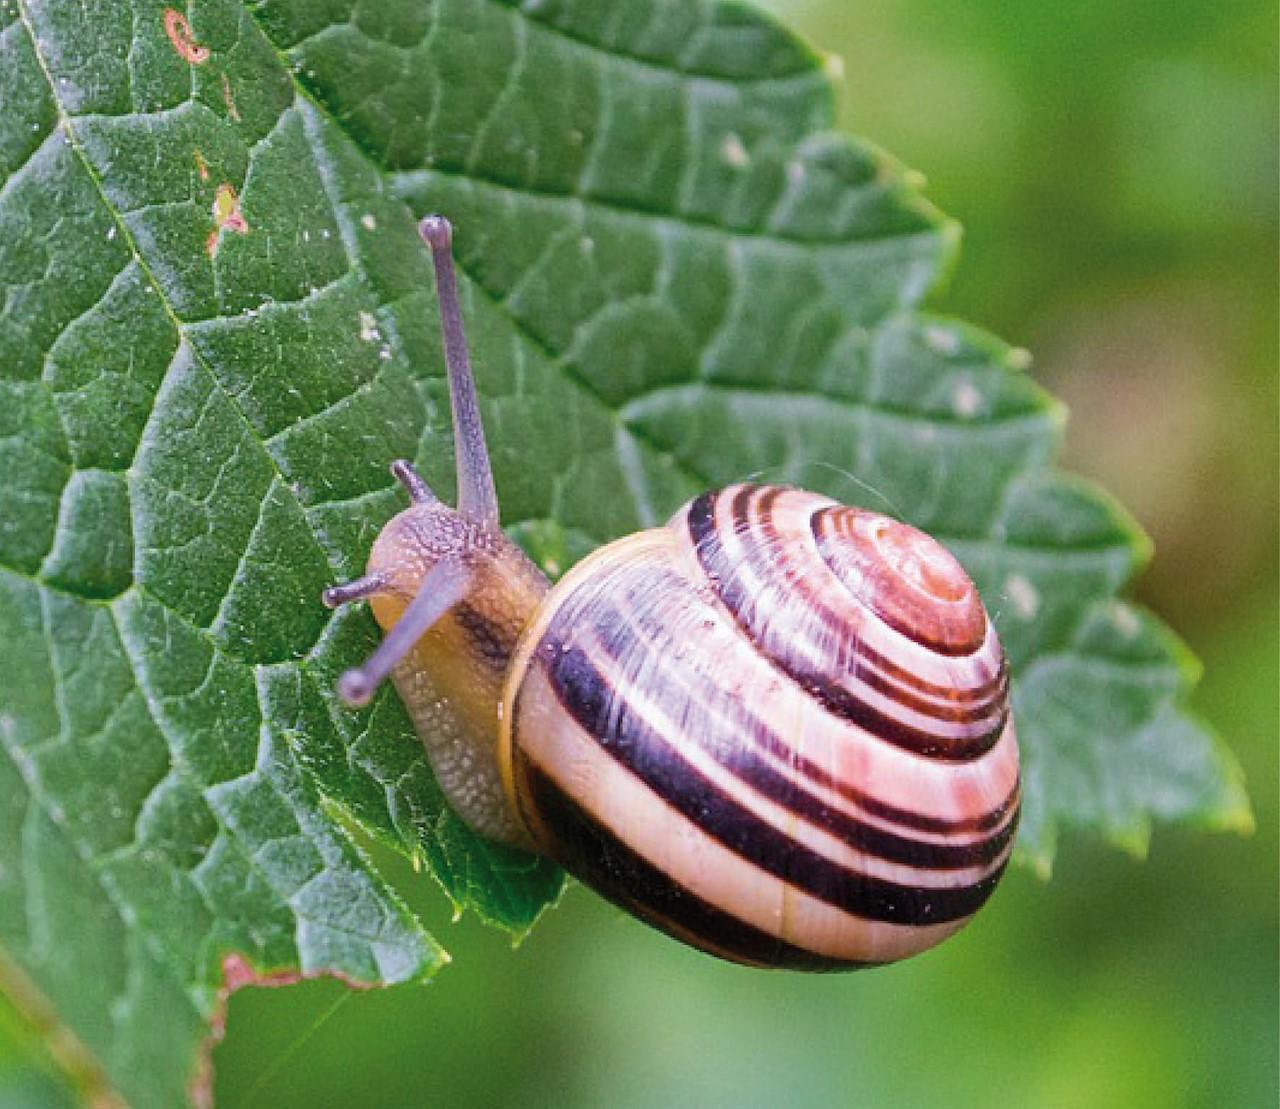 10 planten die slakken NIET lusten